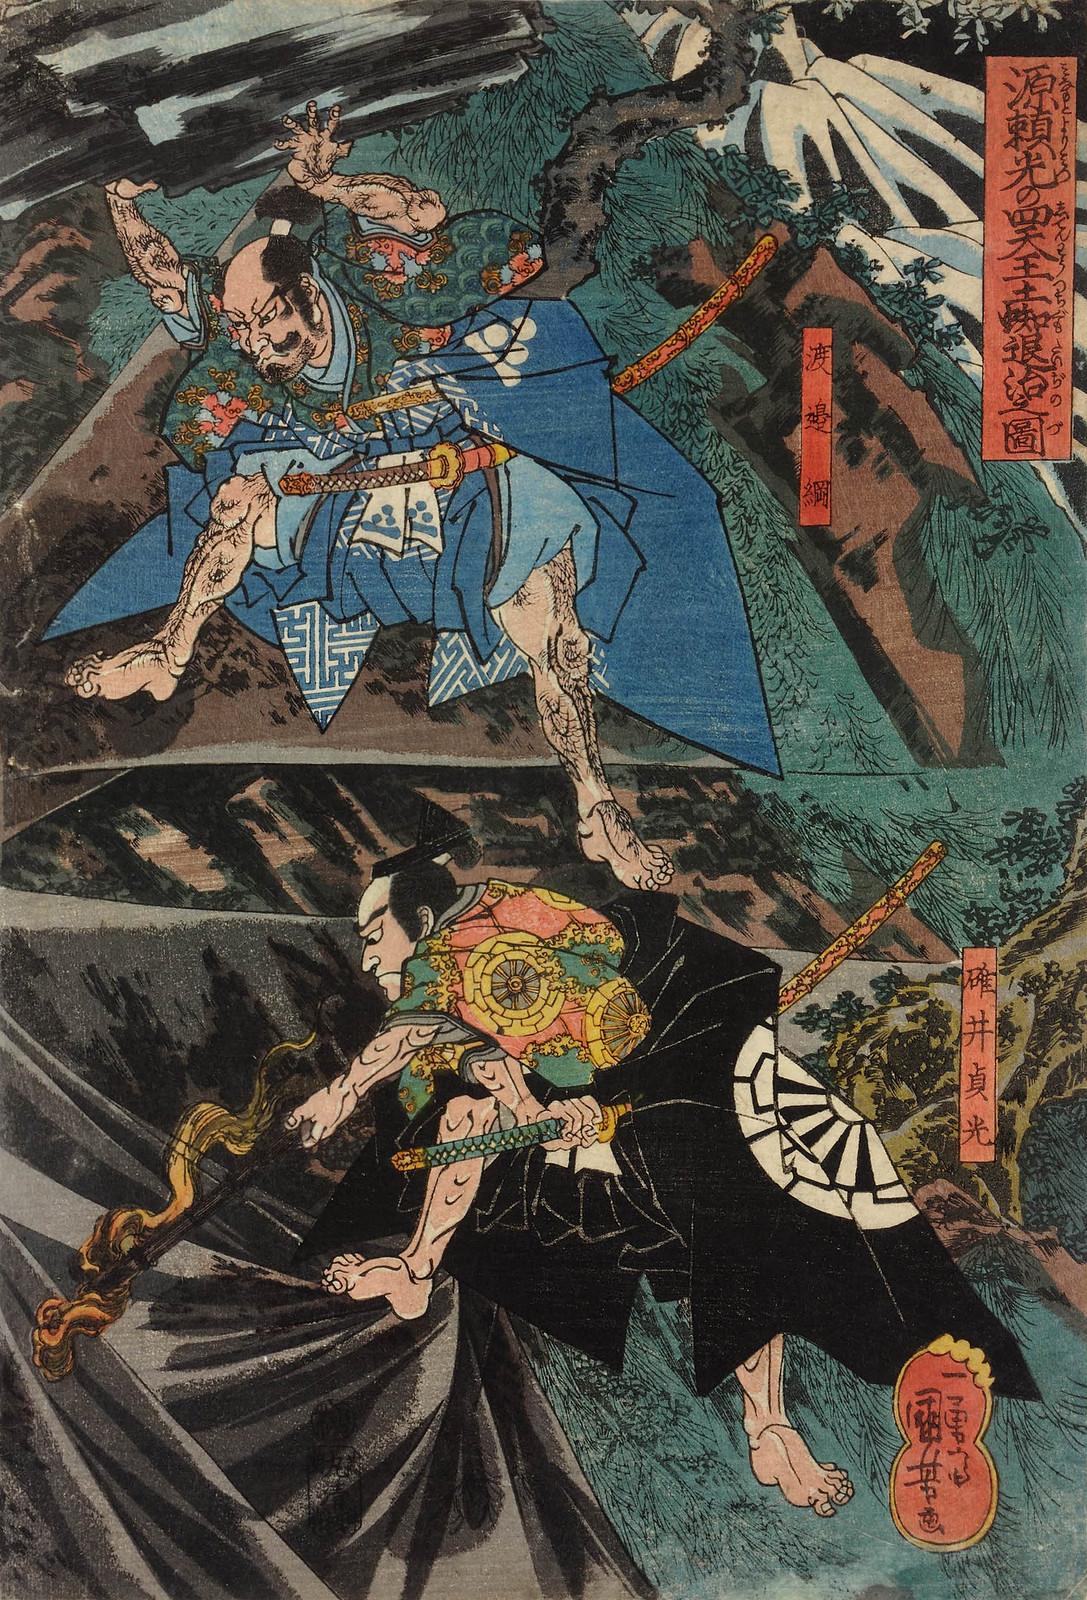 Utagawa Kuniyoshi - Minamoto no Yorimitsu no shitenno tsuchigumo taiji no zu, (The Earth Spider slain by Minamoto no Yorimitsu's retainers) 18th c (right panel)